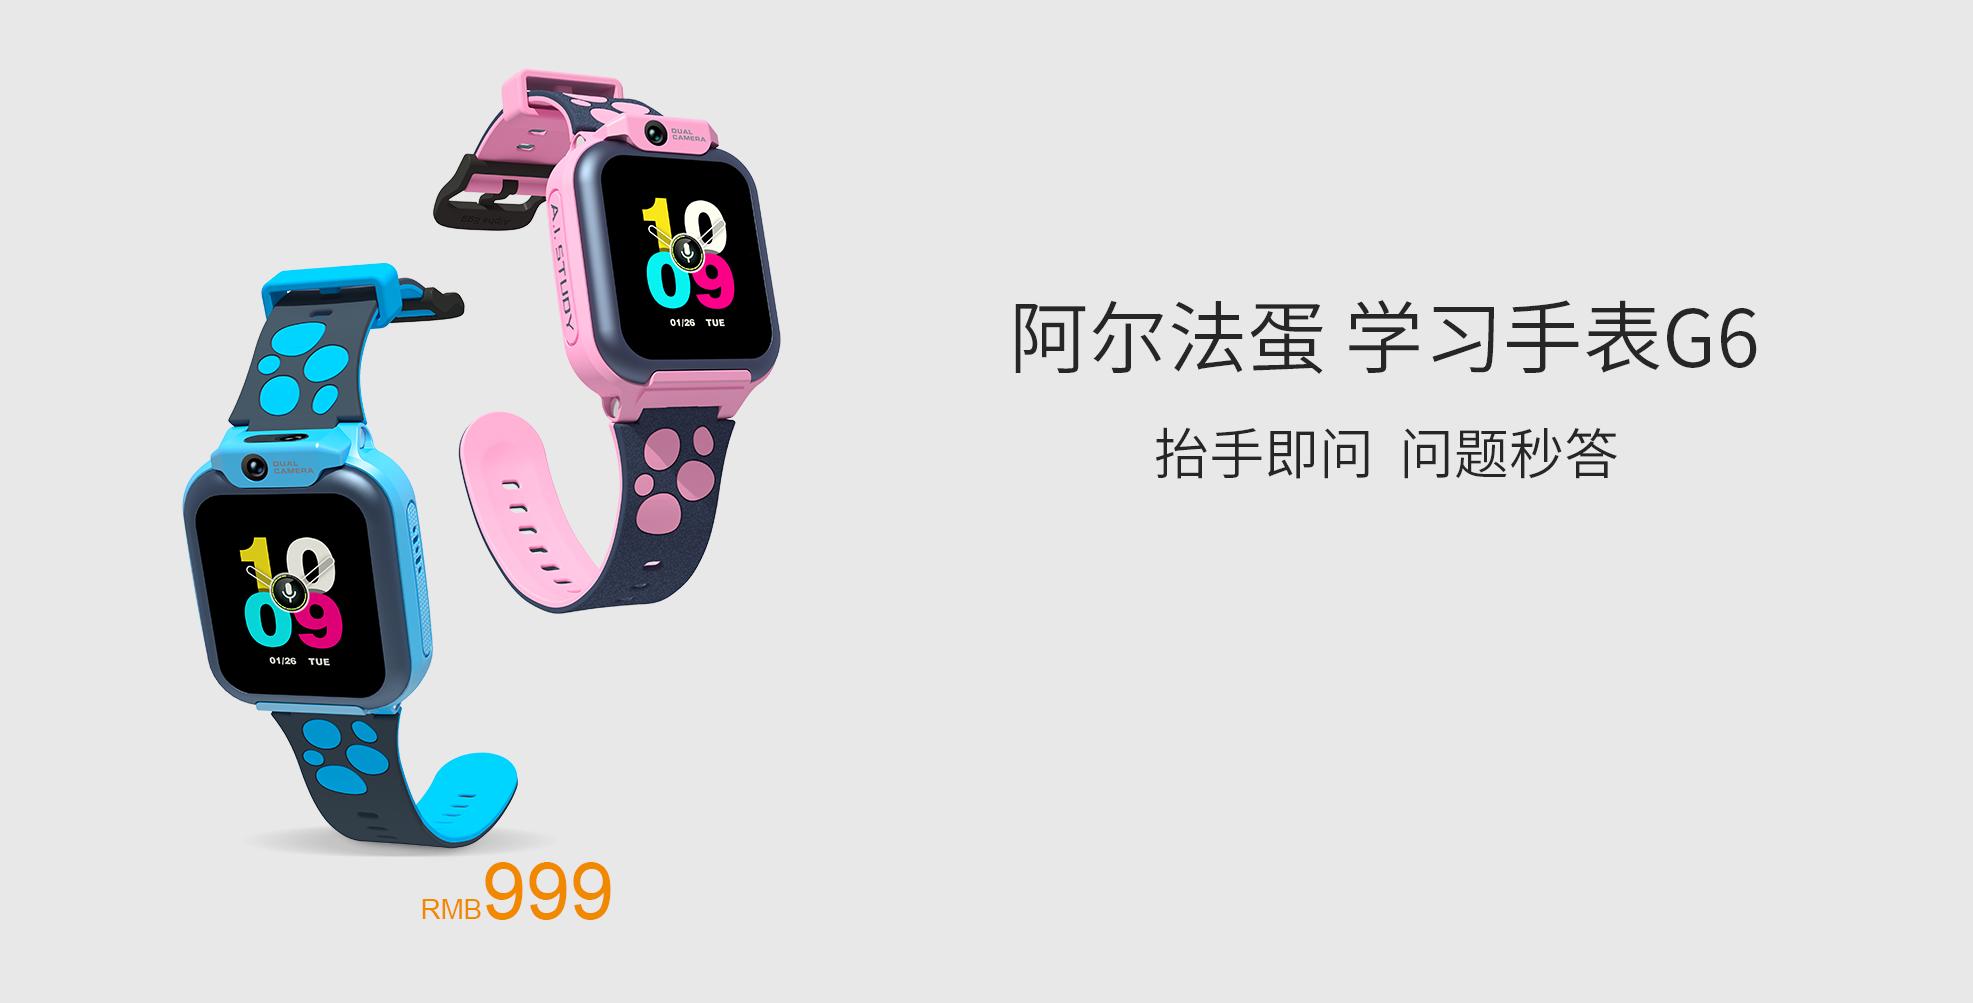 阿尔法蛋学习手表 G6